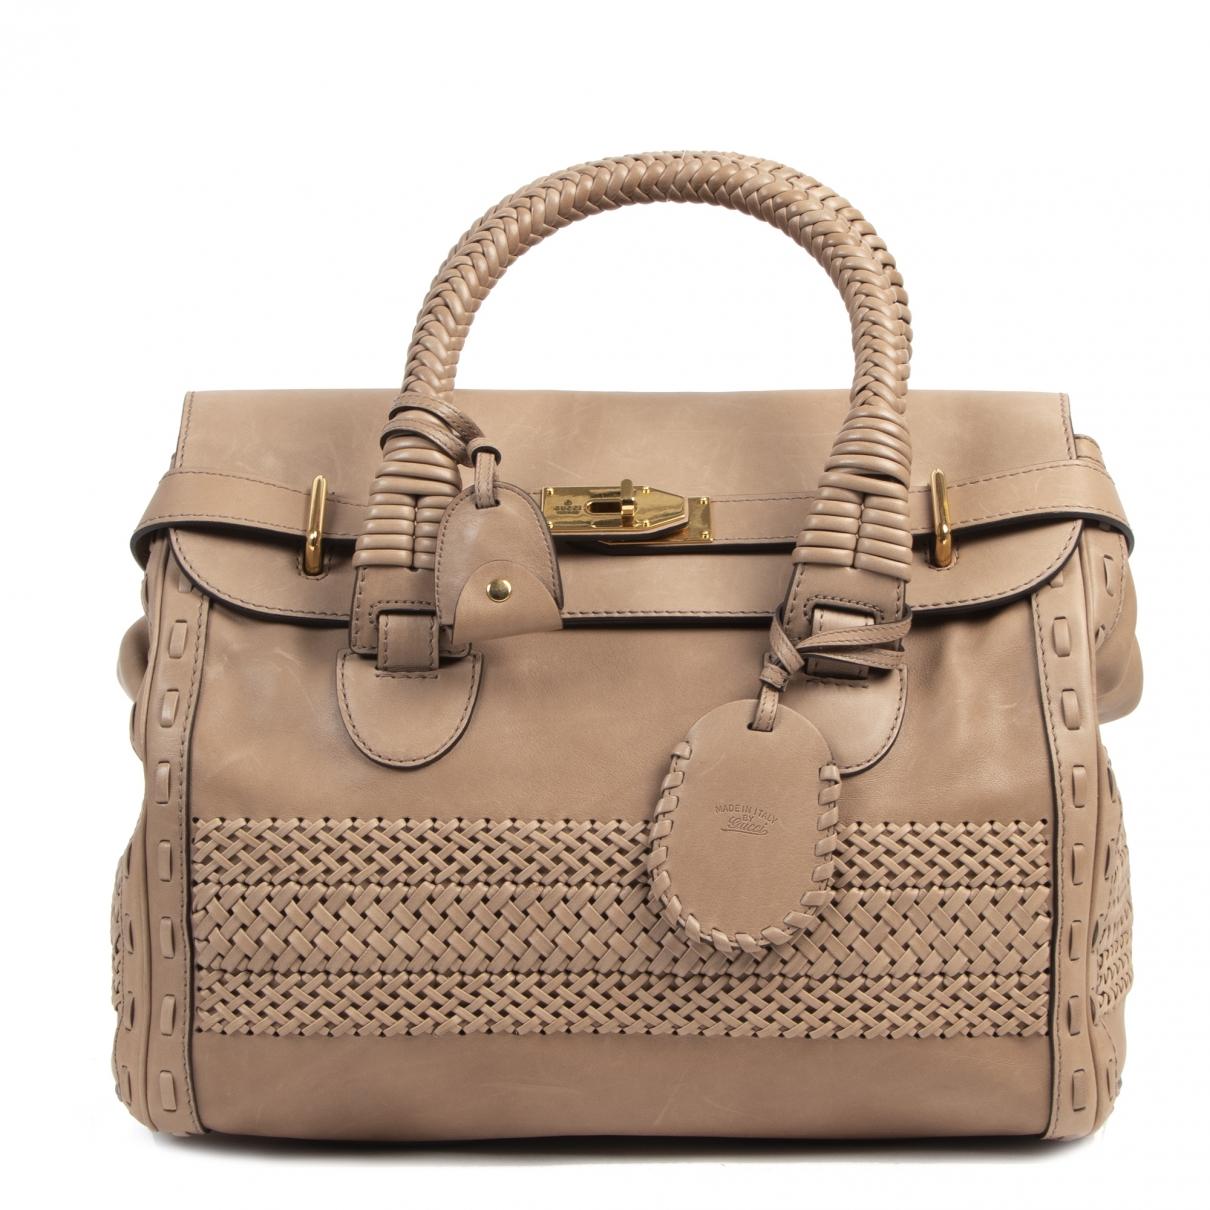 Gucci \N Ecru Leather handbag for Women \N